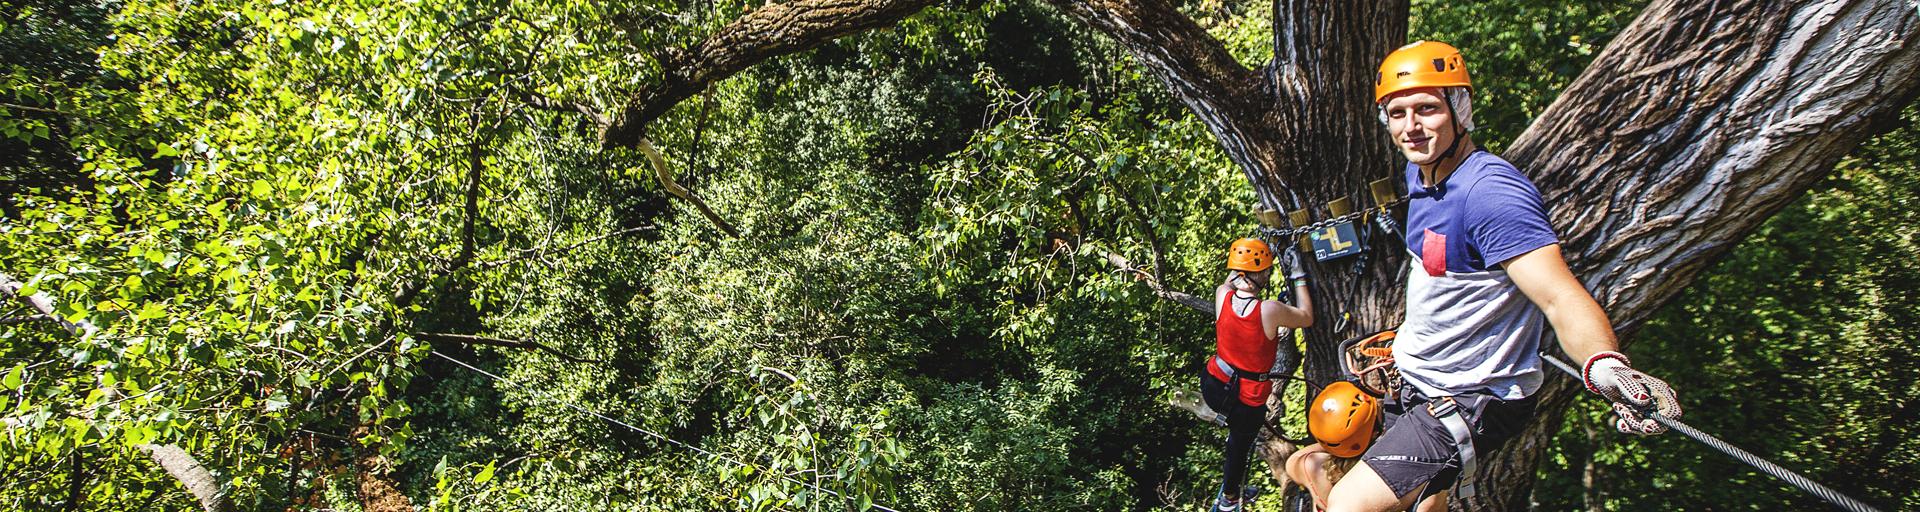 Descente d'un très grand arbre par des adultes